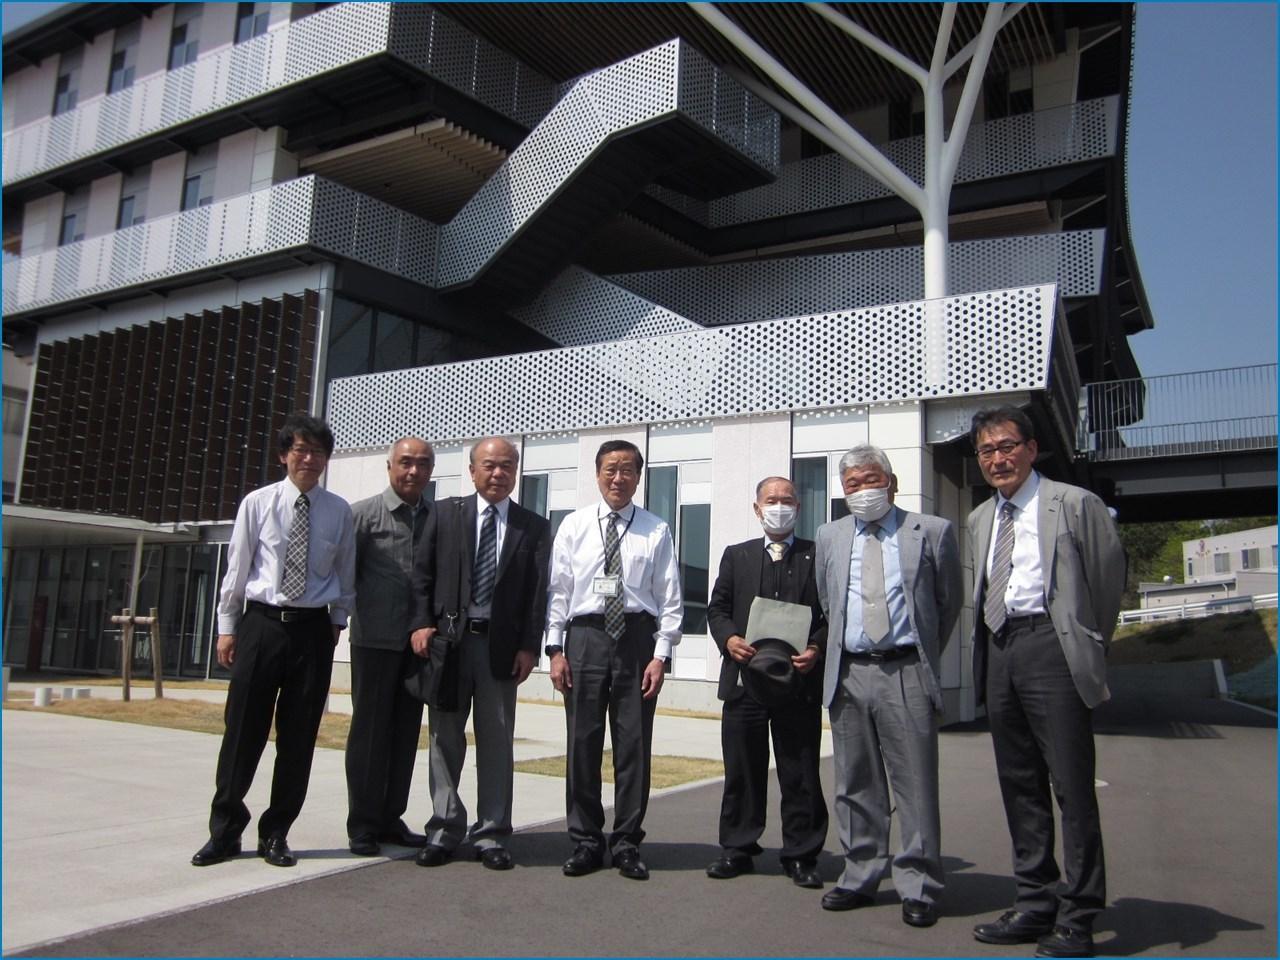 静岡理工科大学 理工学部 建築学科棟の見学 1_c0376508_15415340.jpg